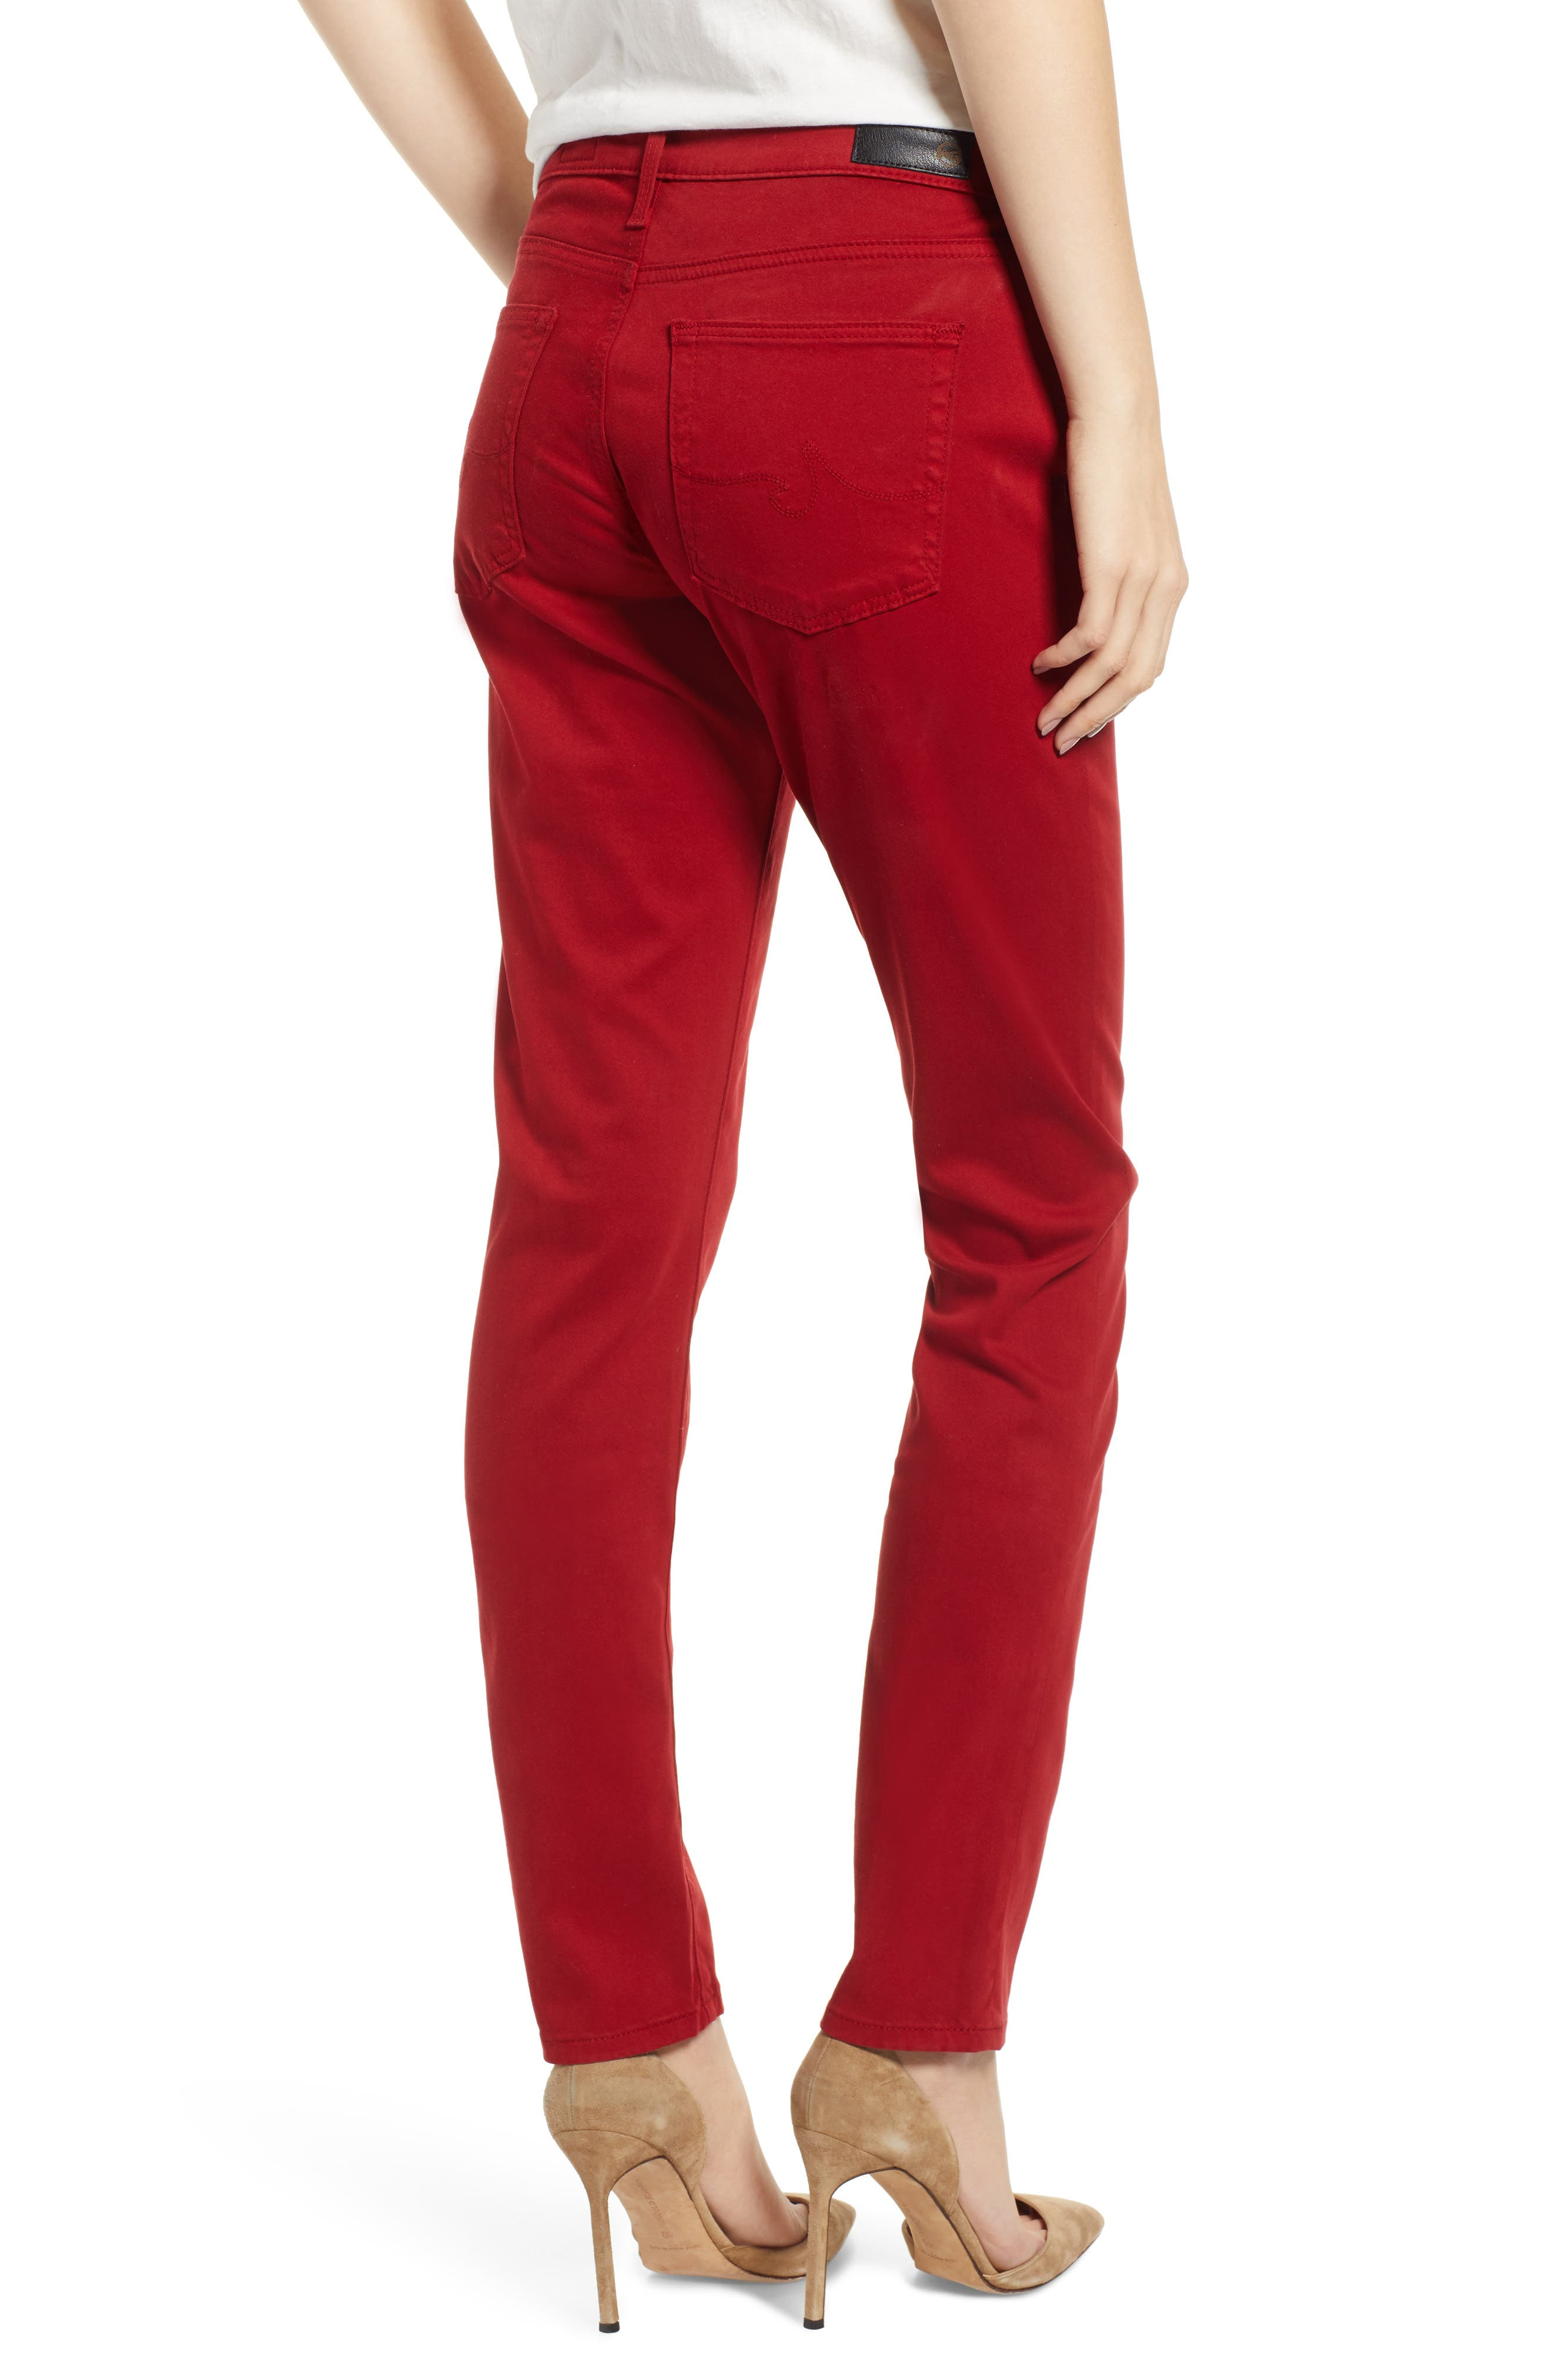 c522d164142d Women s Red Jeans   Denim